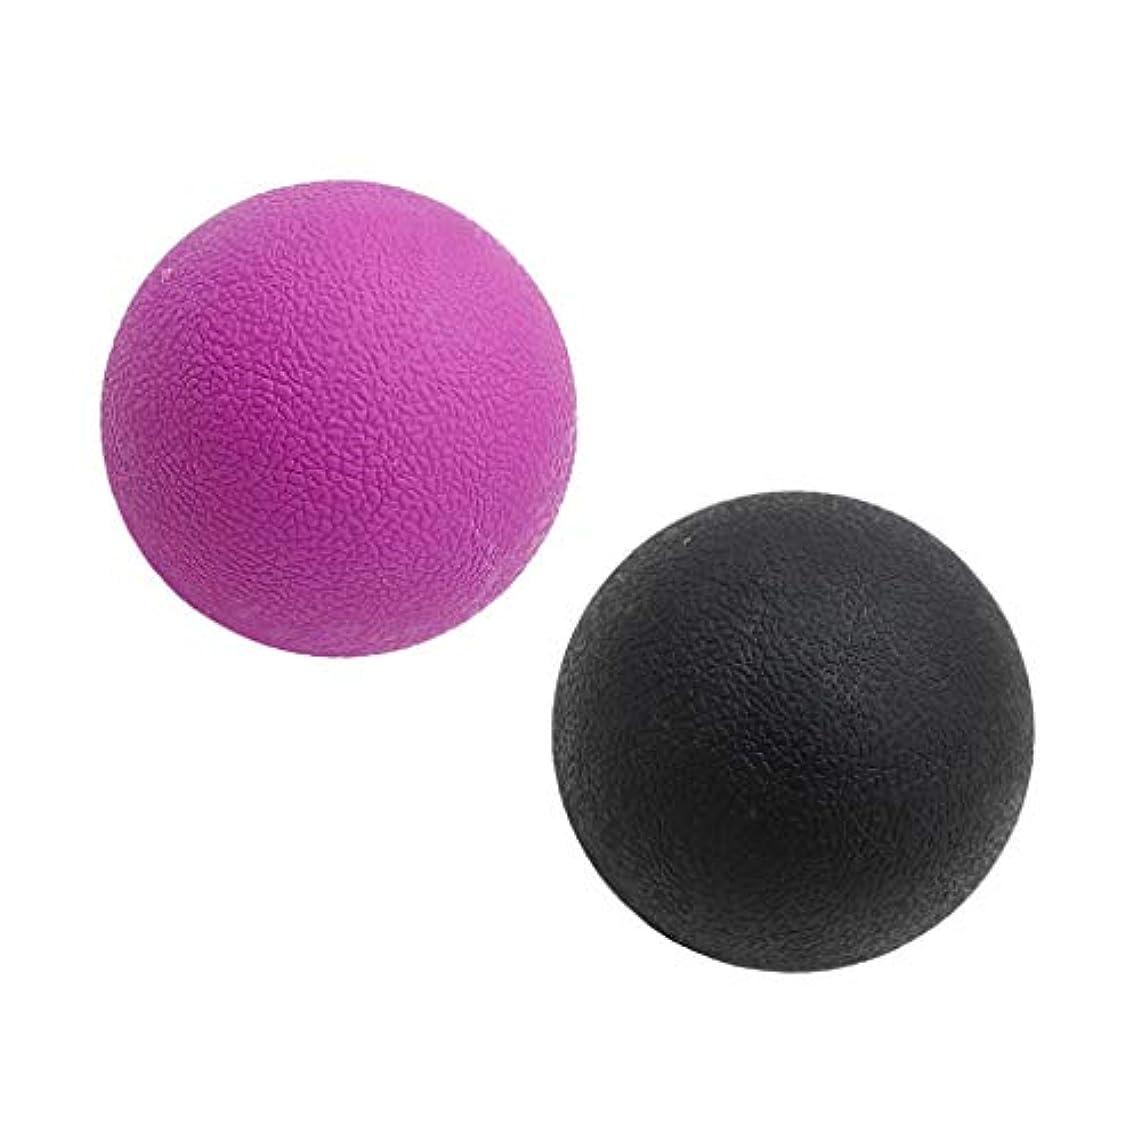 最初苦悩アナログマッサージボール トリガーポイント ストレッチボール トレーニング 背中 肩 腰 マッサージ 多色選べる - ブラックパープル